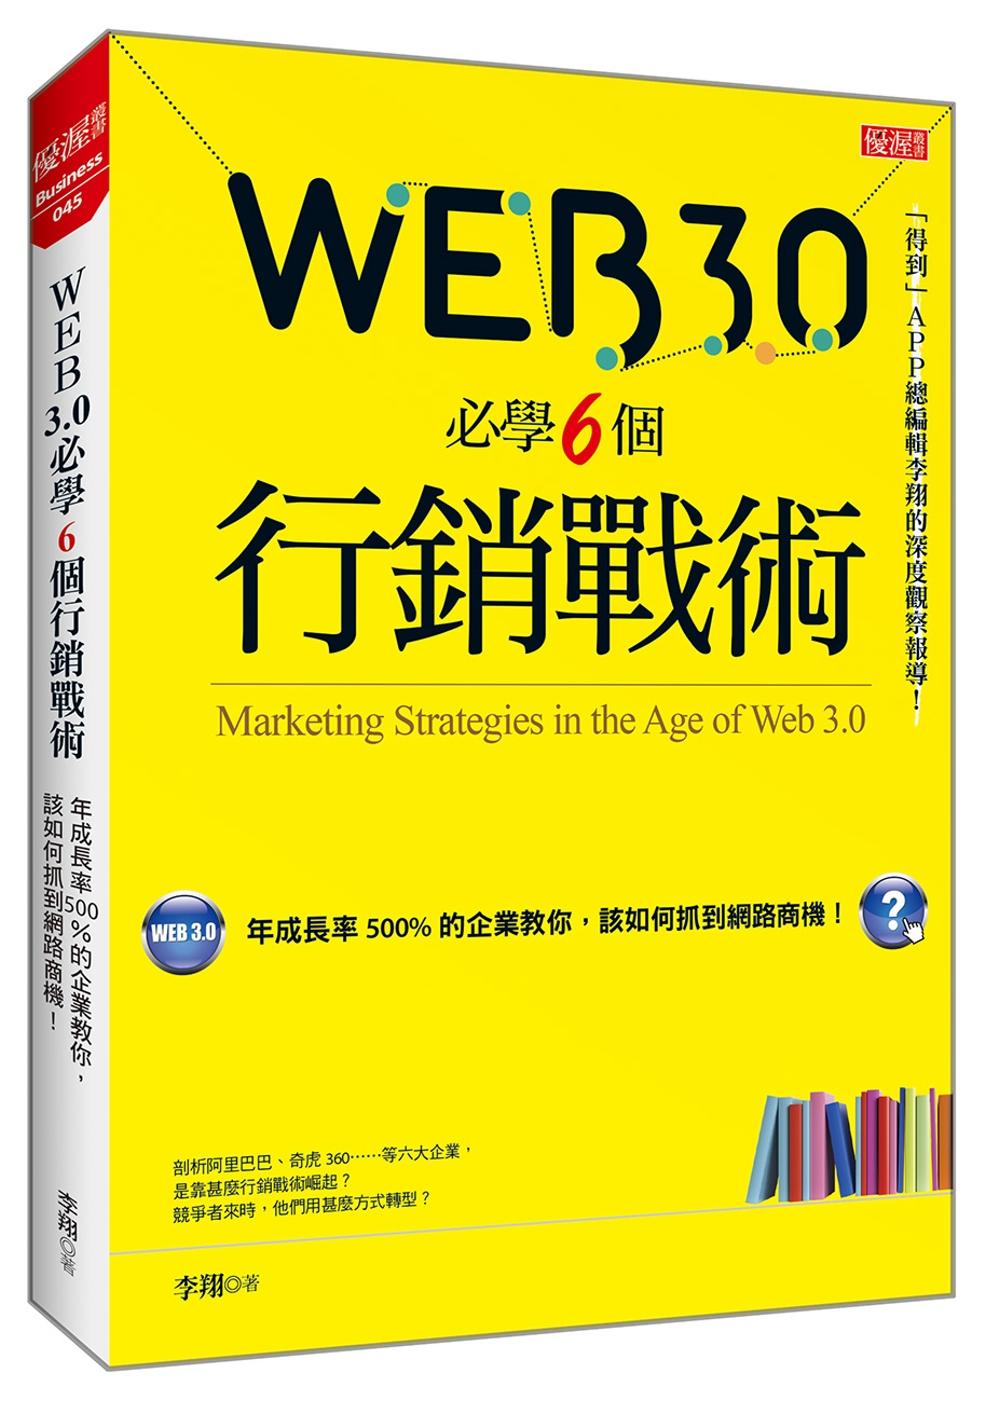 Web 3.0 必學6個行銷戰術:年成長率500%的企業教你,該如何抓到網路商機!